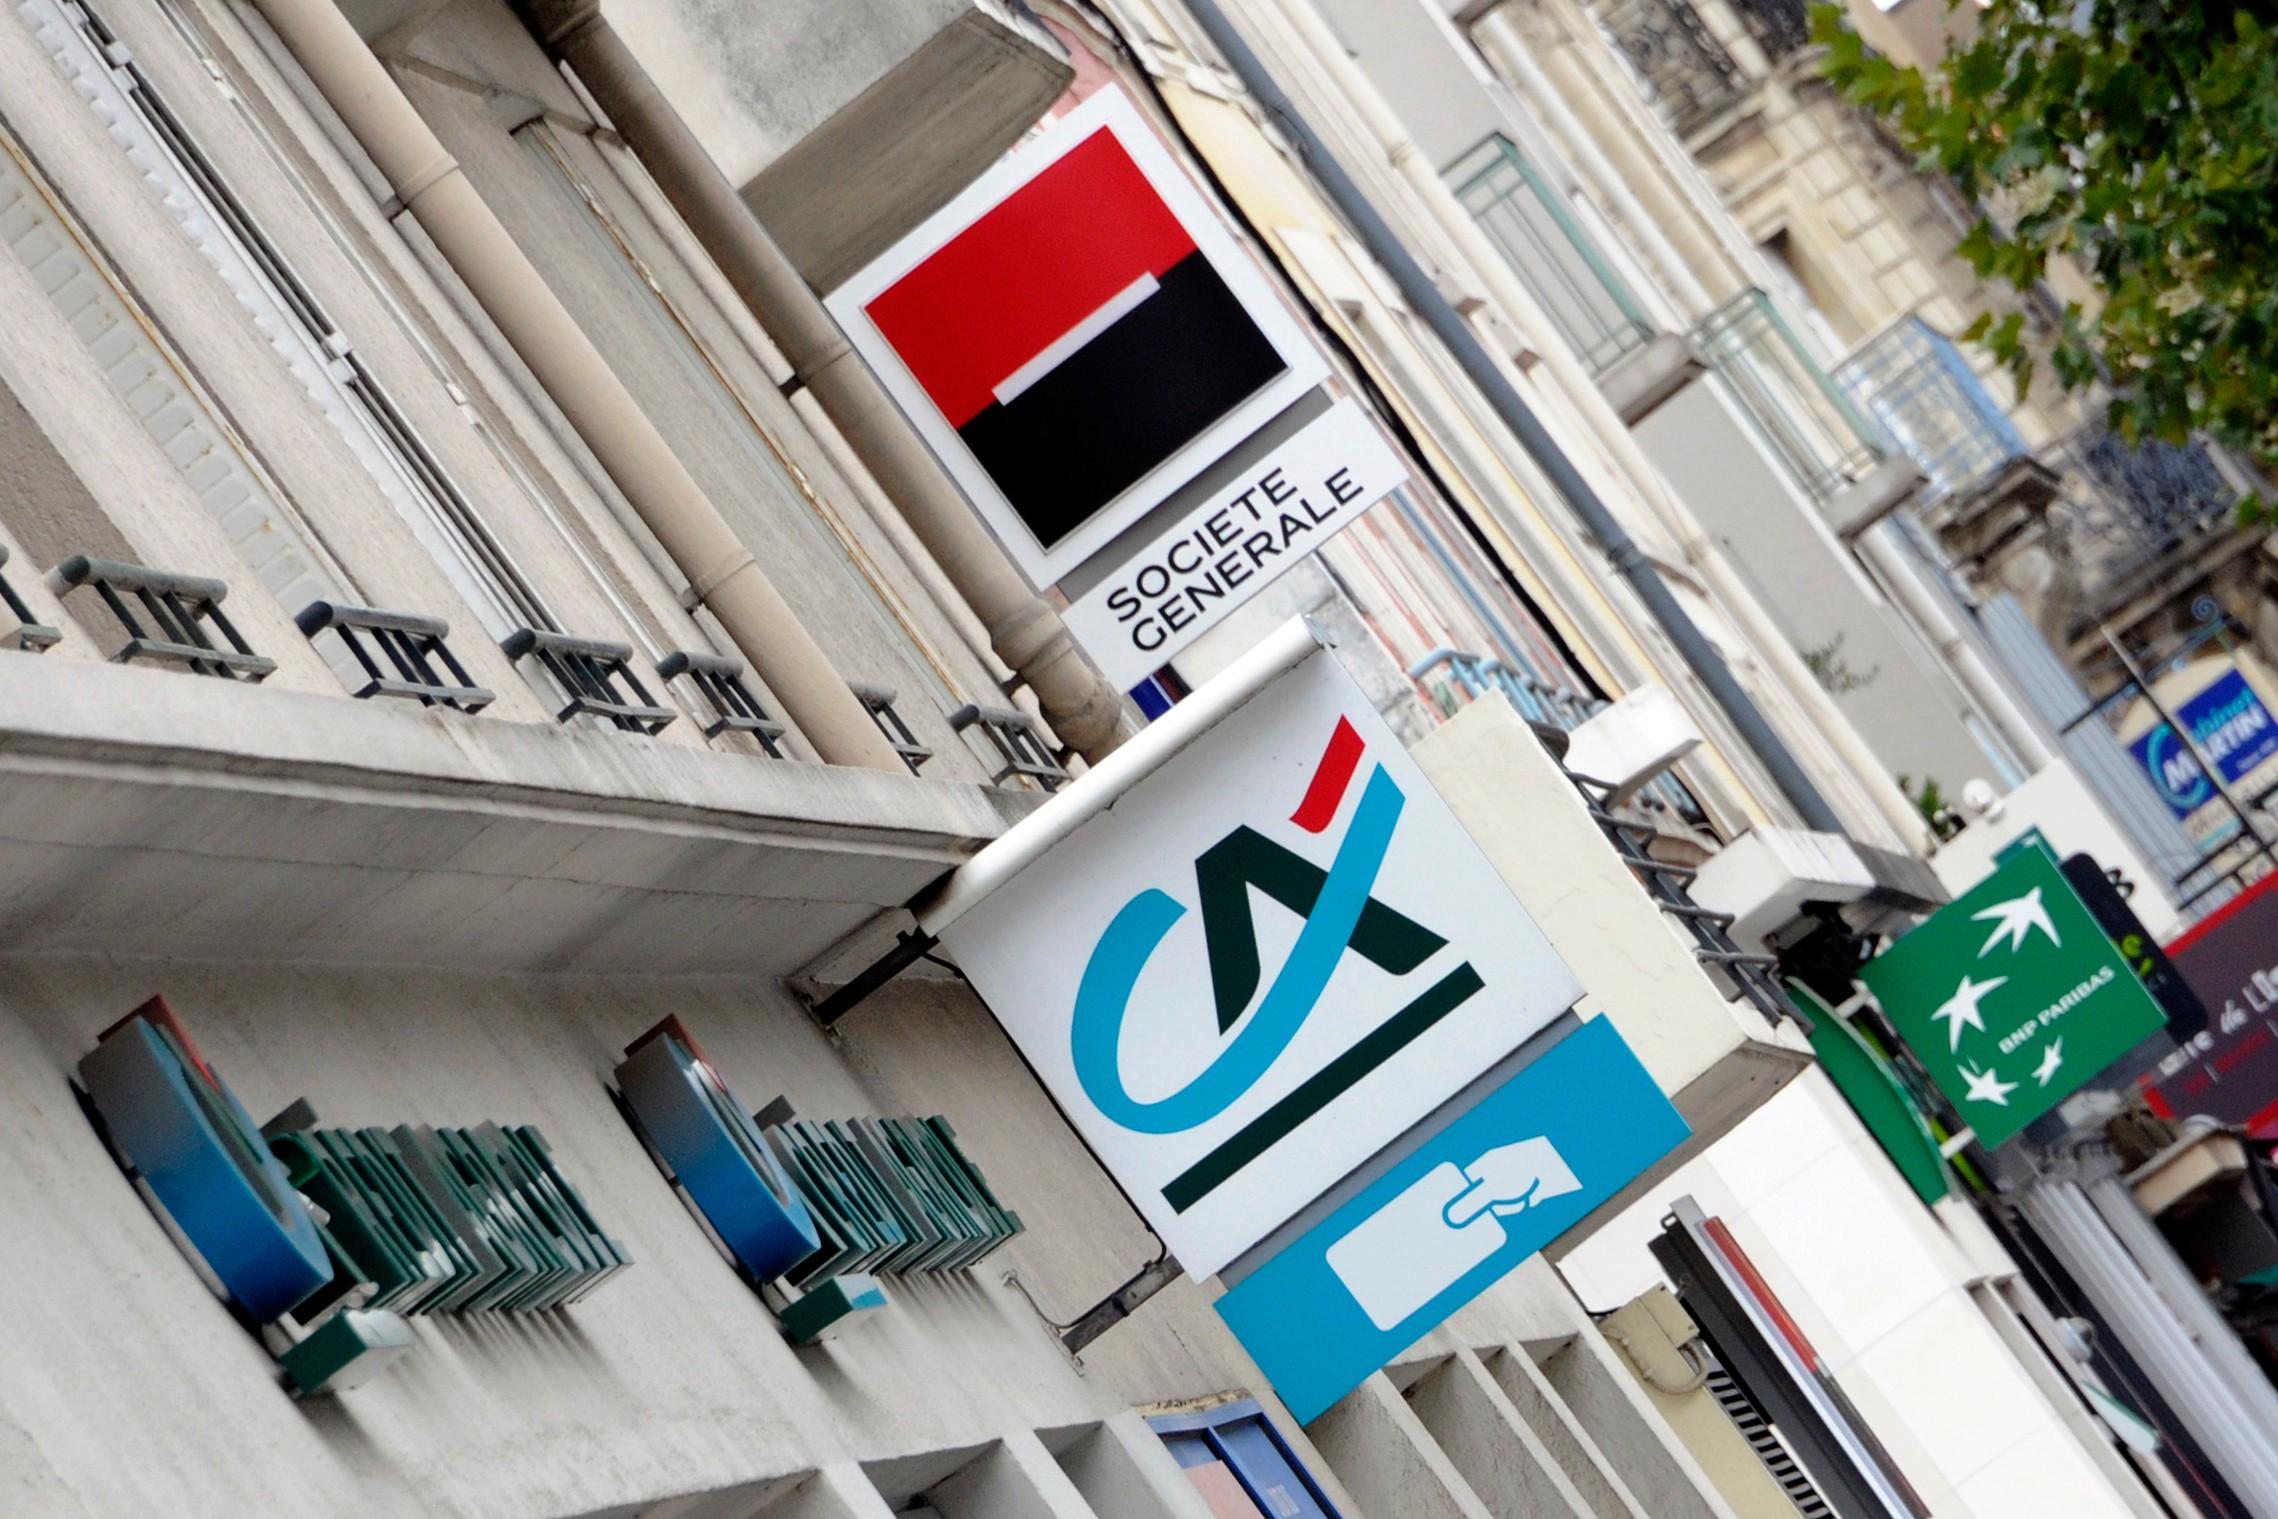 7775734408_logos-de-banques-a-rennes-le-12-septembre-2011-illustration